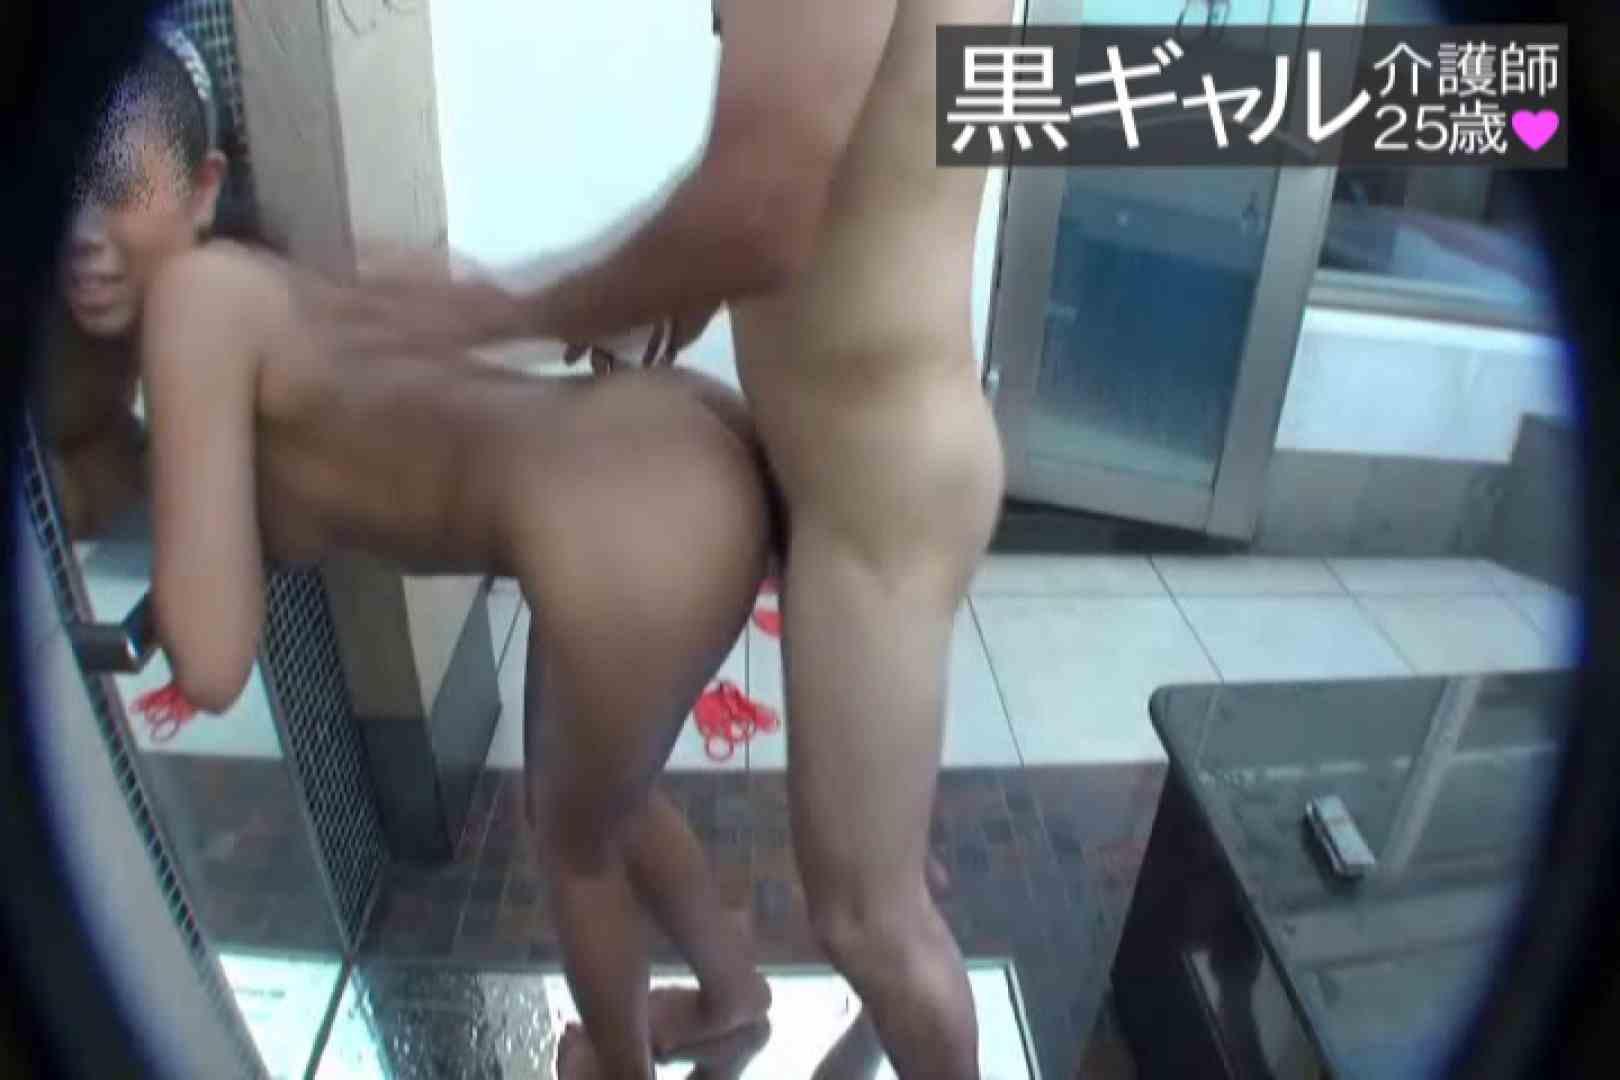 独占入手 従順M黒ギャル介護師25歳vol.6 SEX  54連発 14